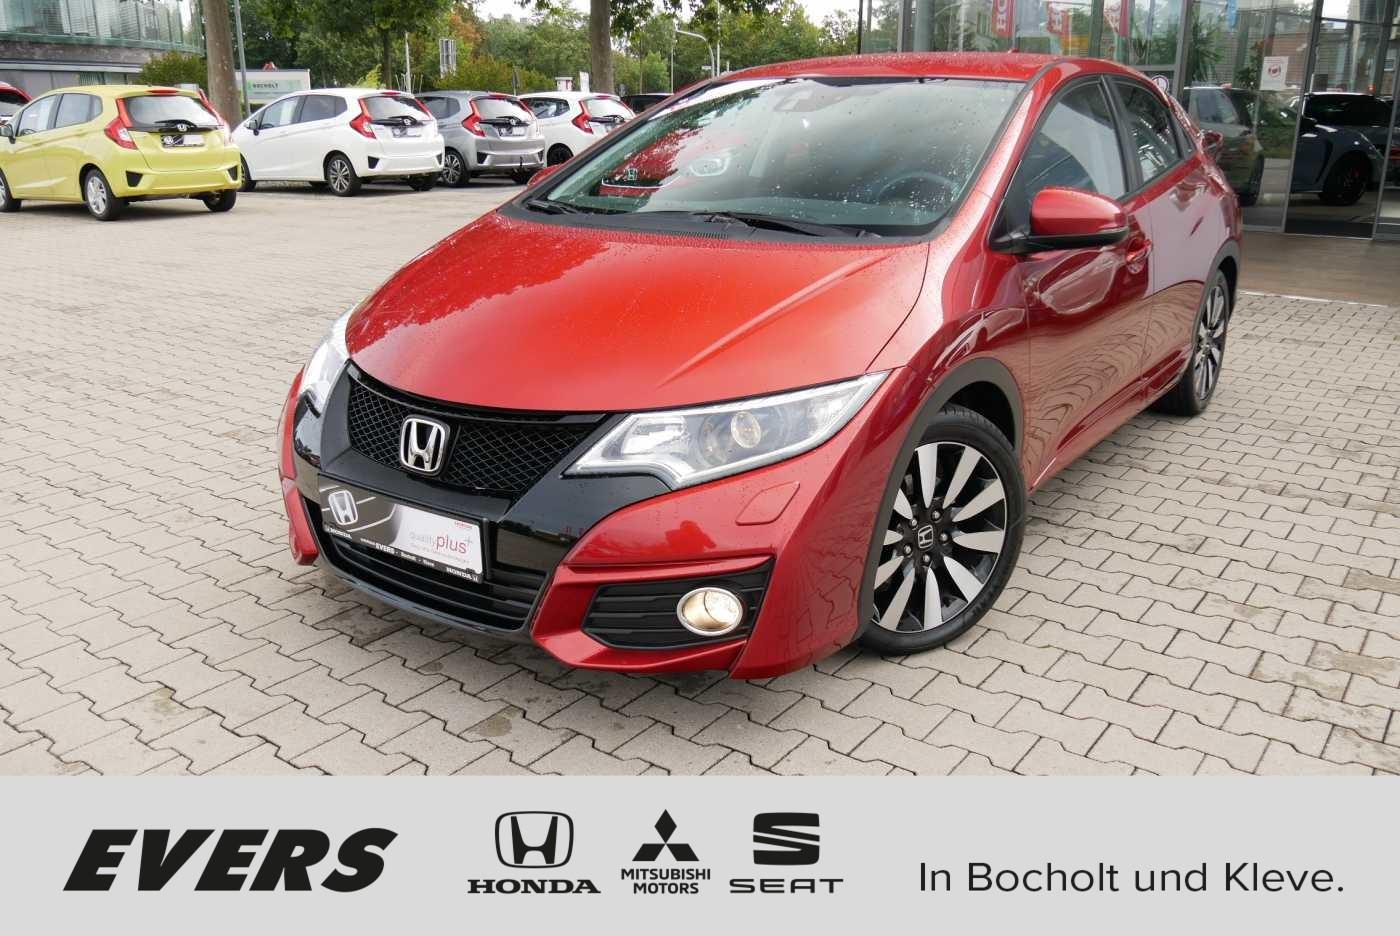 Honda Civic 1.4 i-VTEC Elegance SHZ+TEMPOMAT+24M.GAR, Jahr 2015, Benzin